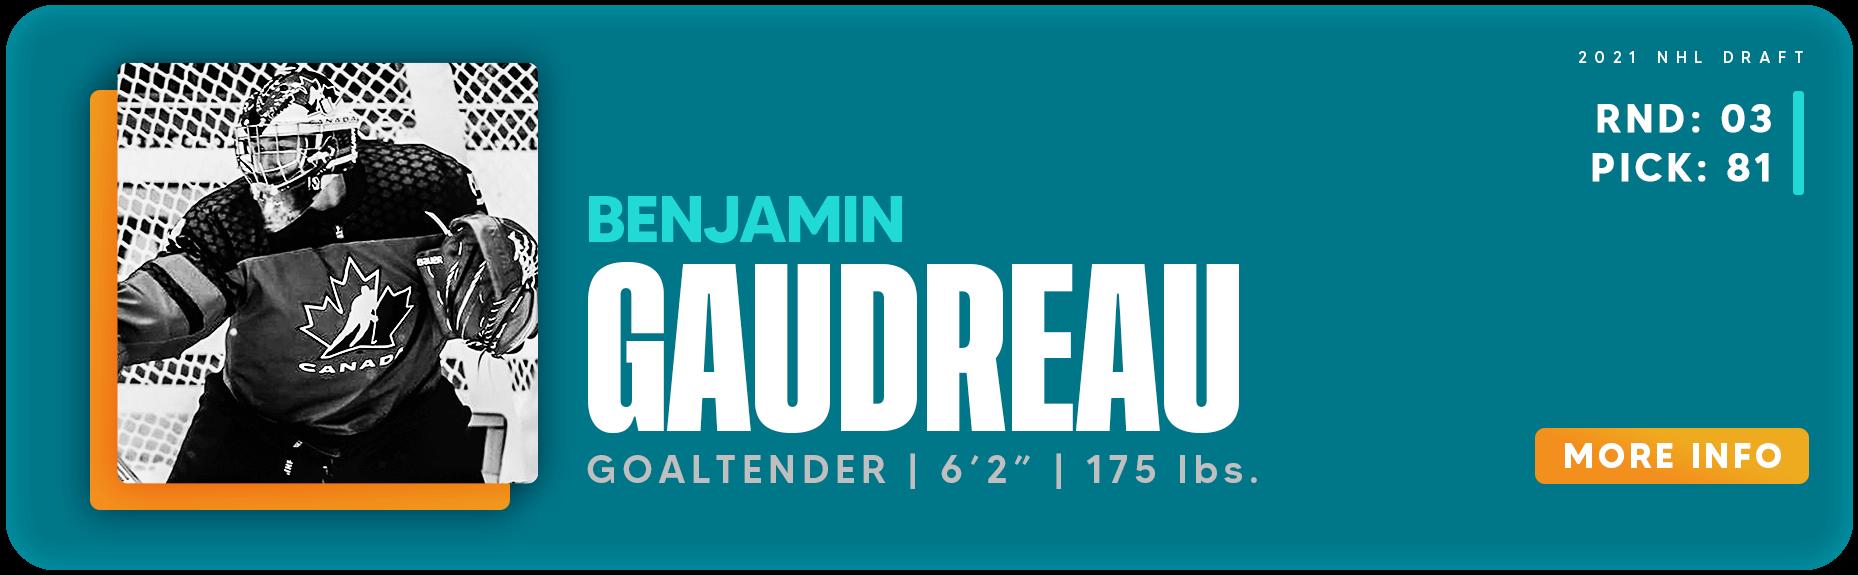 Benjamin Gaudreau